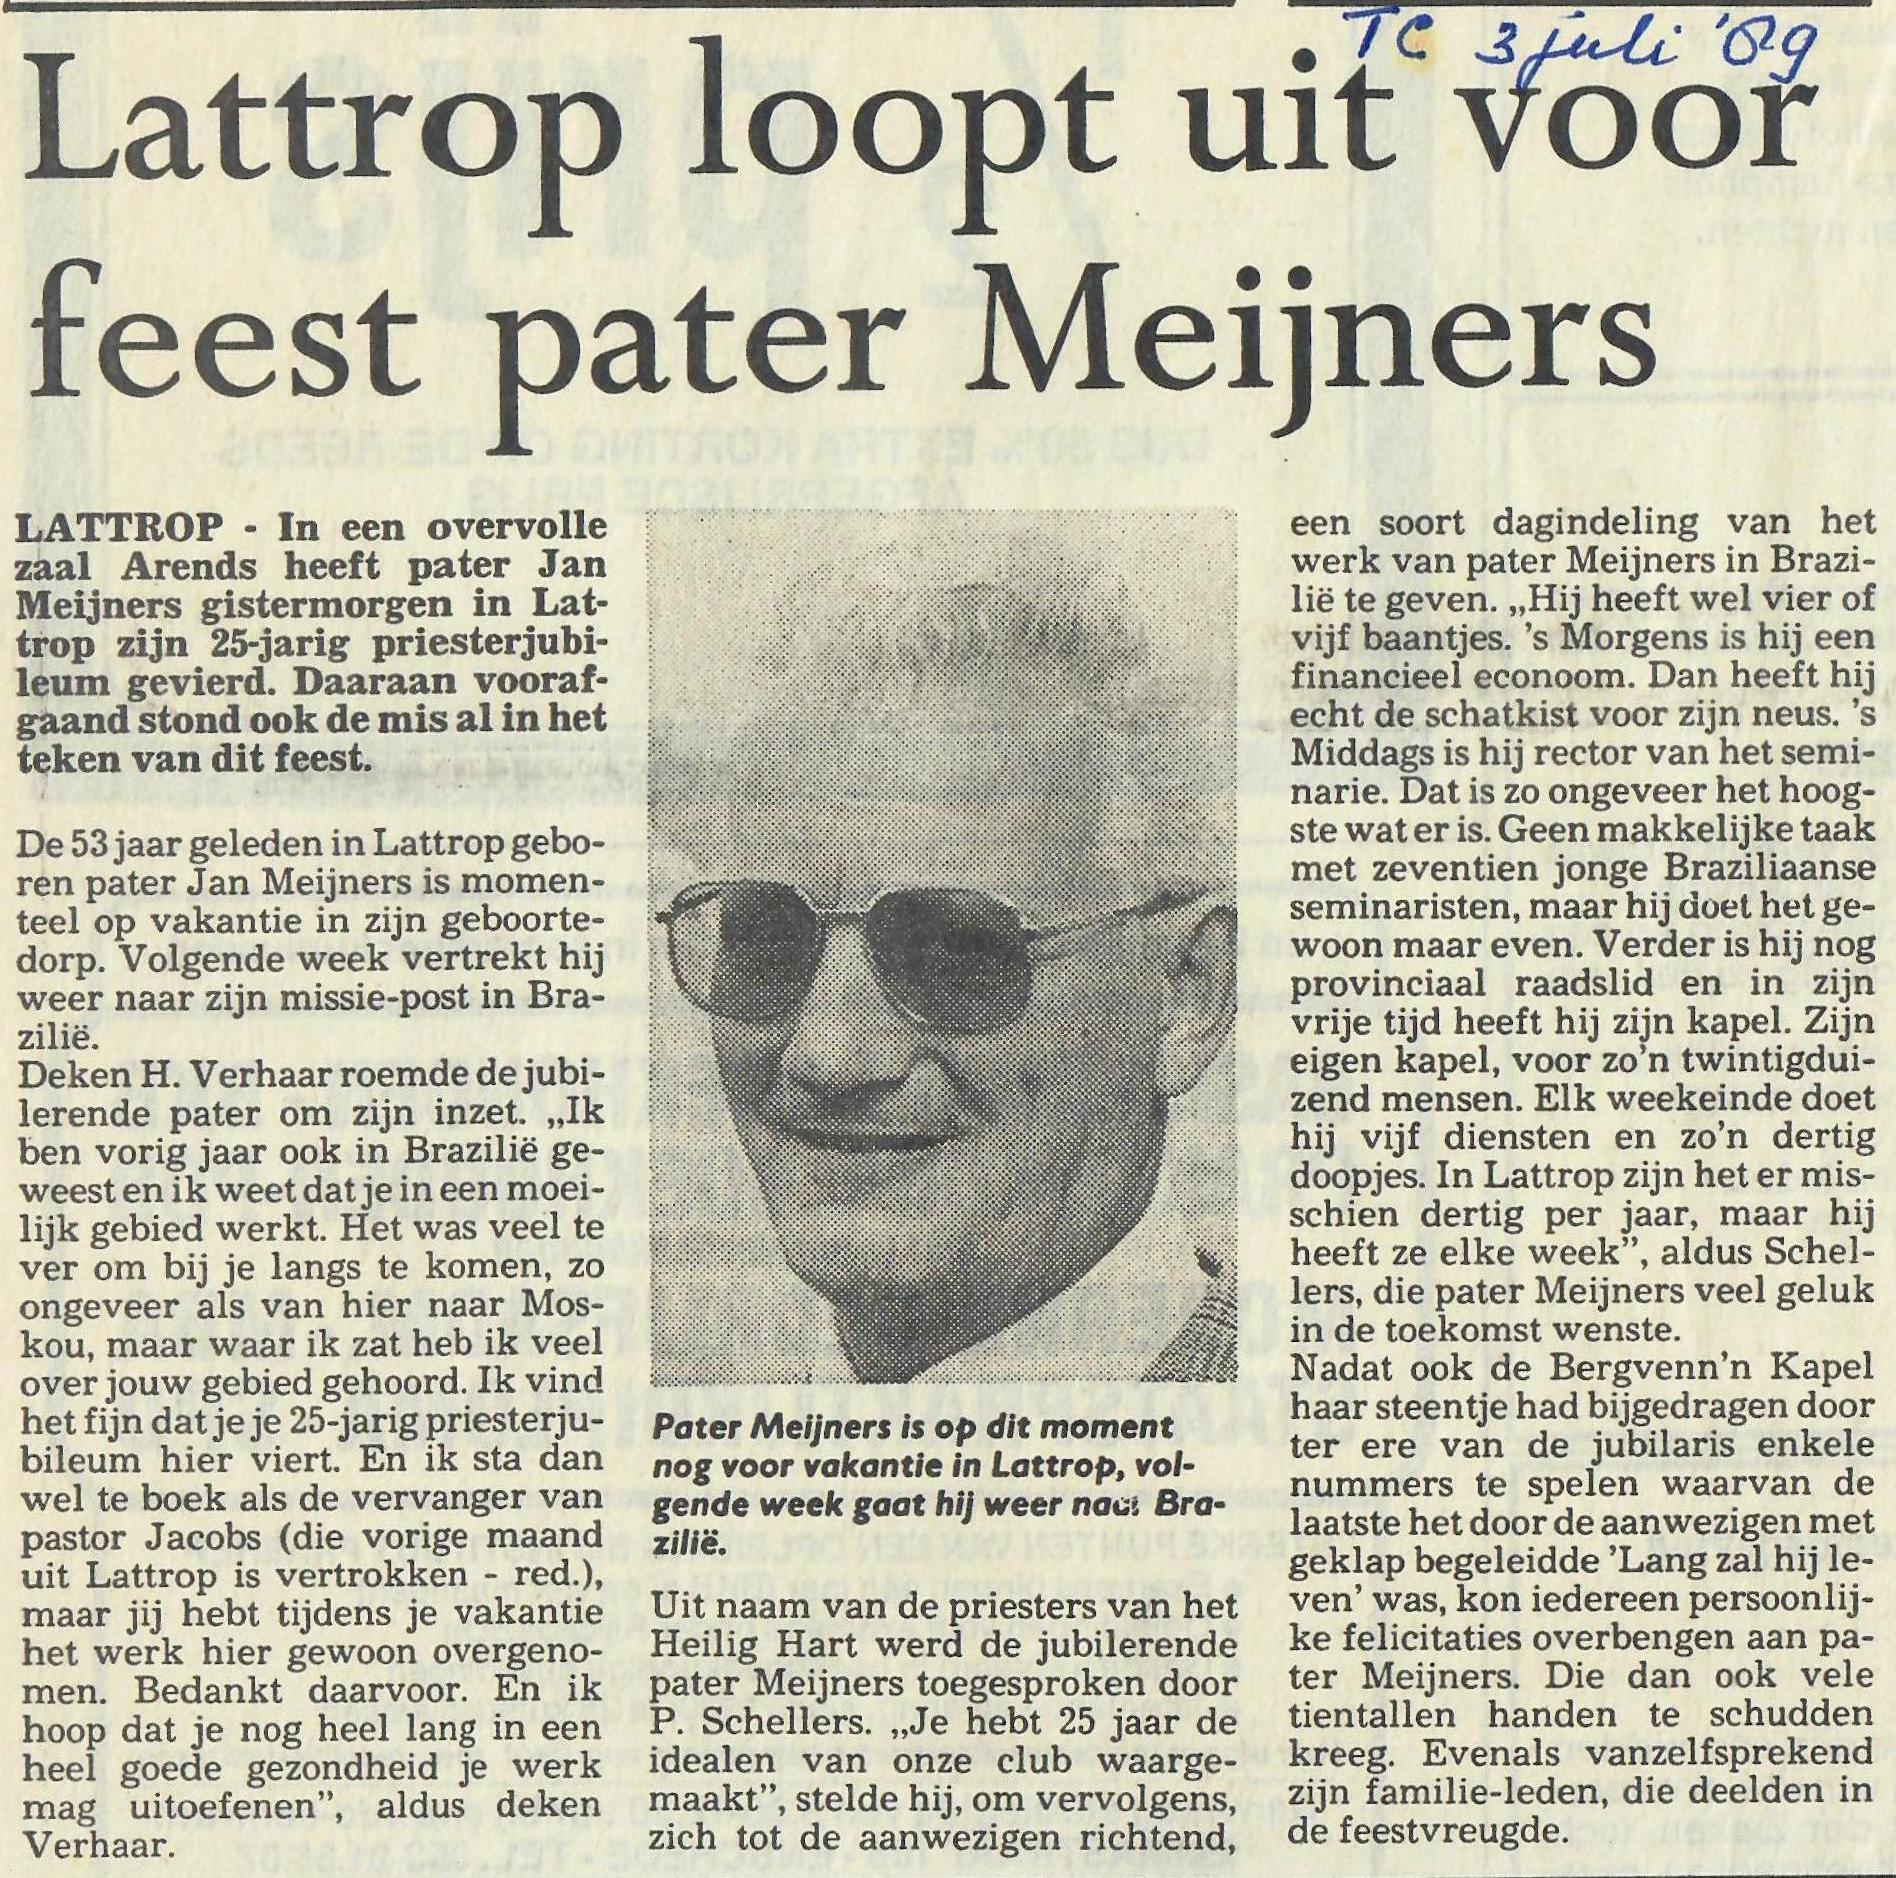 Twentsche Courant 03-07-1989 Lattrop loopt uit voor feest pater  Meijners